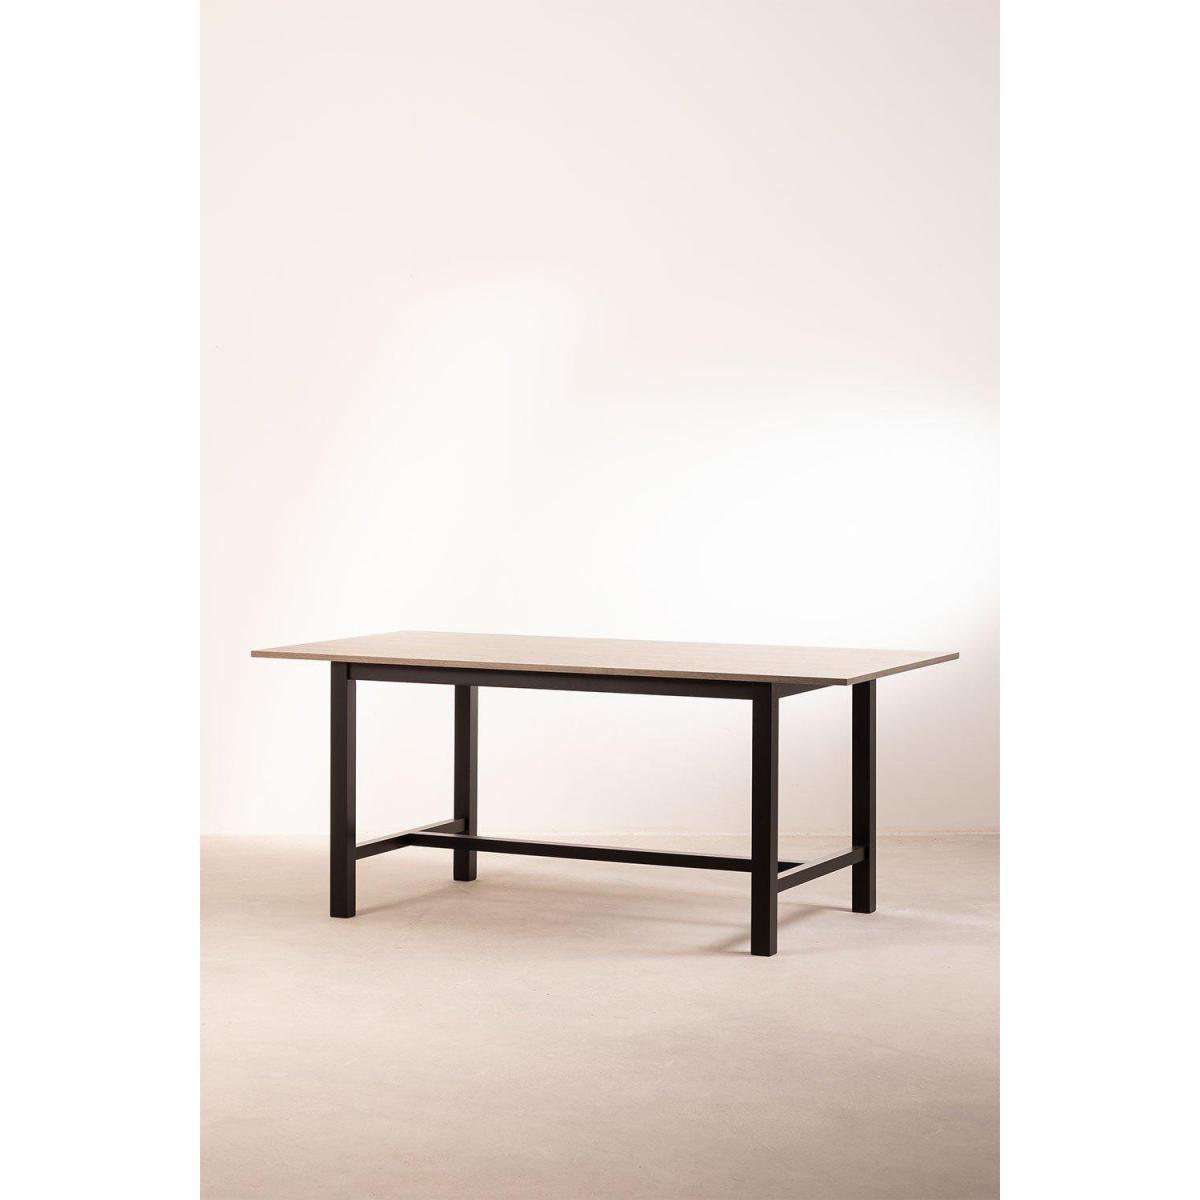 Stylez Table bois foncé 2m